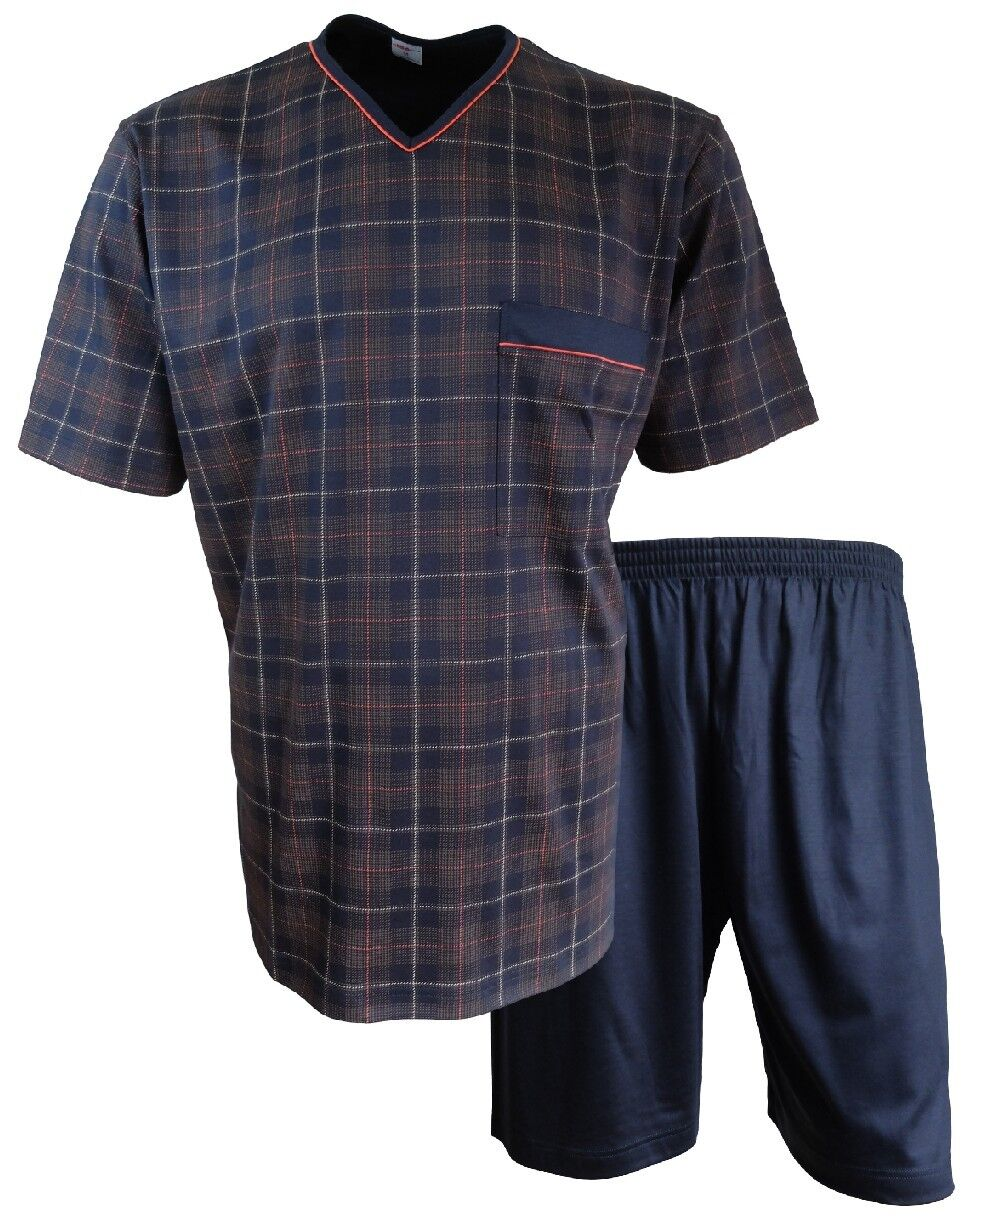 Isa Bodywear brevemente pijama short en azul  oscuro rojo marrón talla M L XXL  Nuevos productos de artículos novedosos.